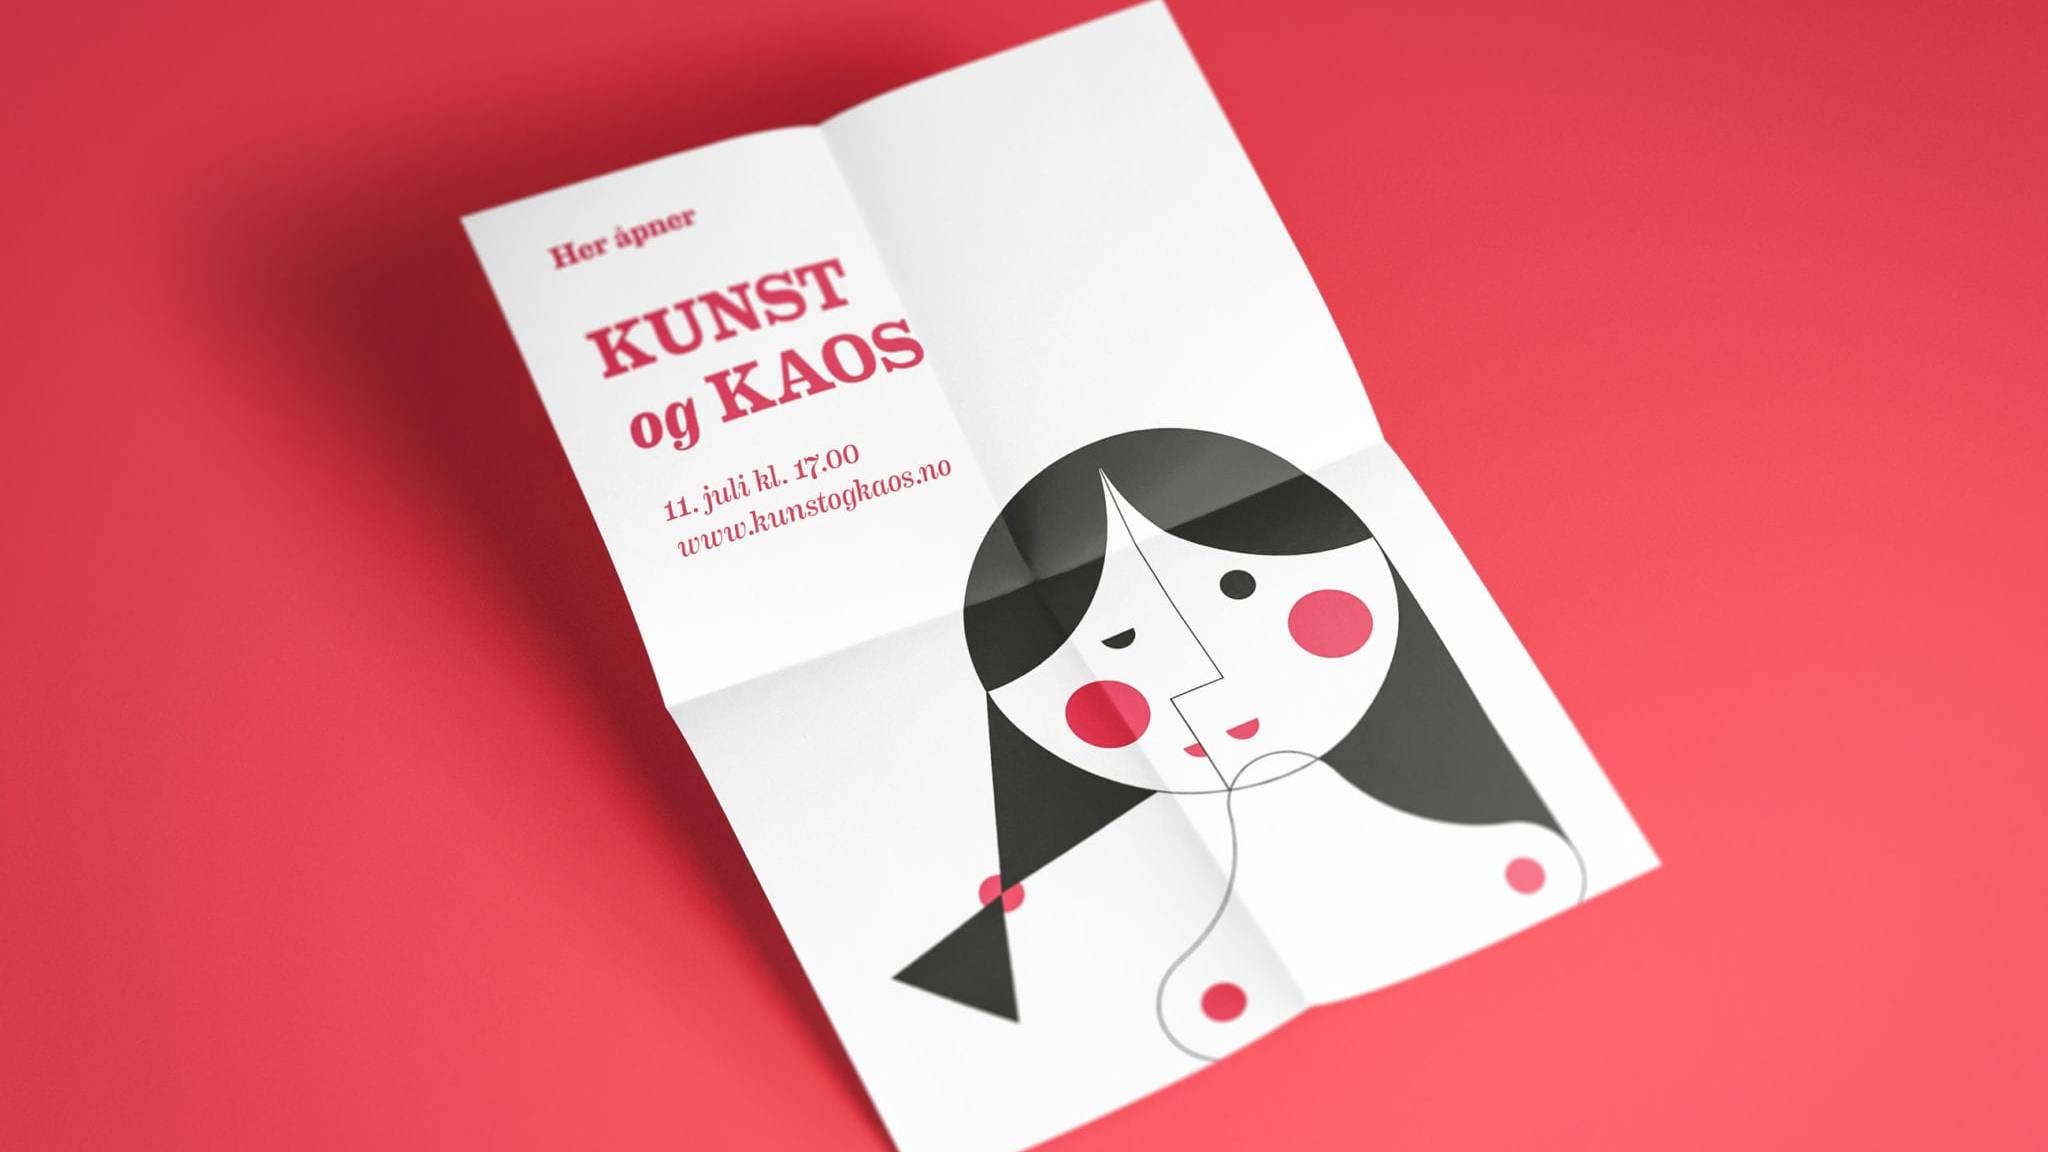 Plakat Kunst og kaos. Illustrasjon: Ren Røros Frontal